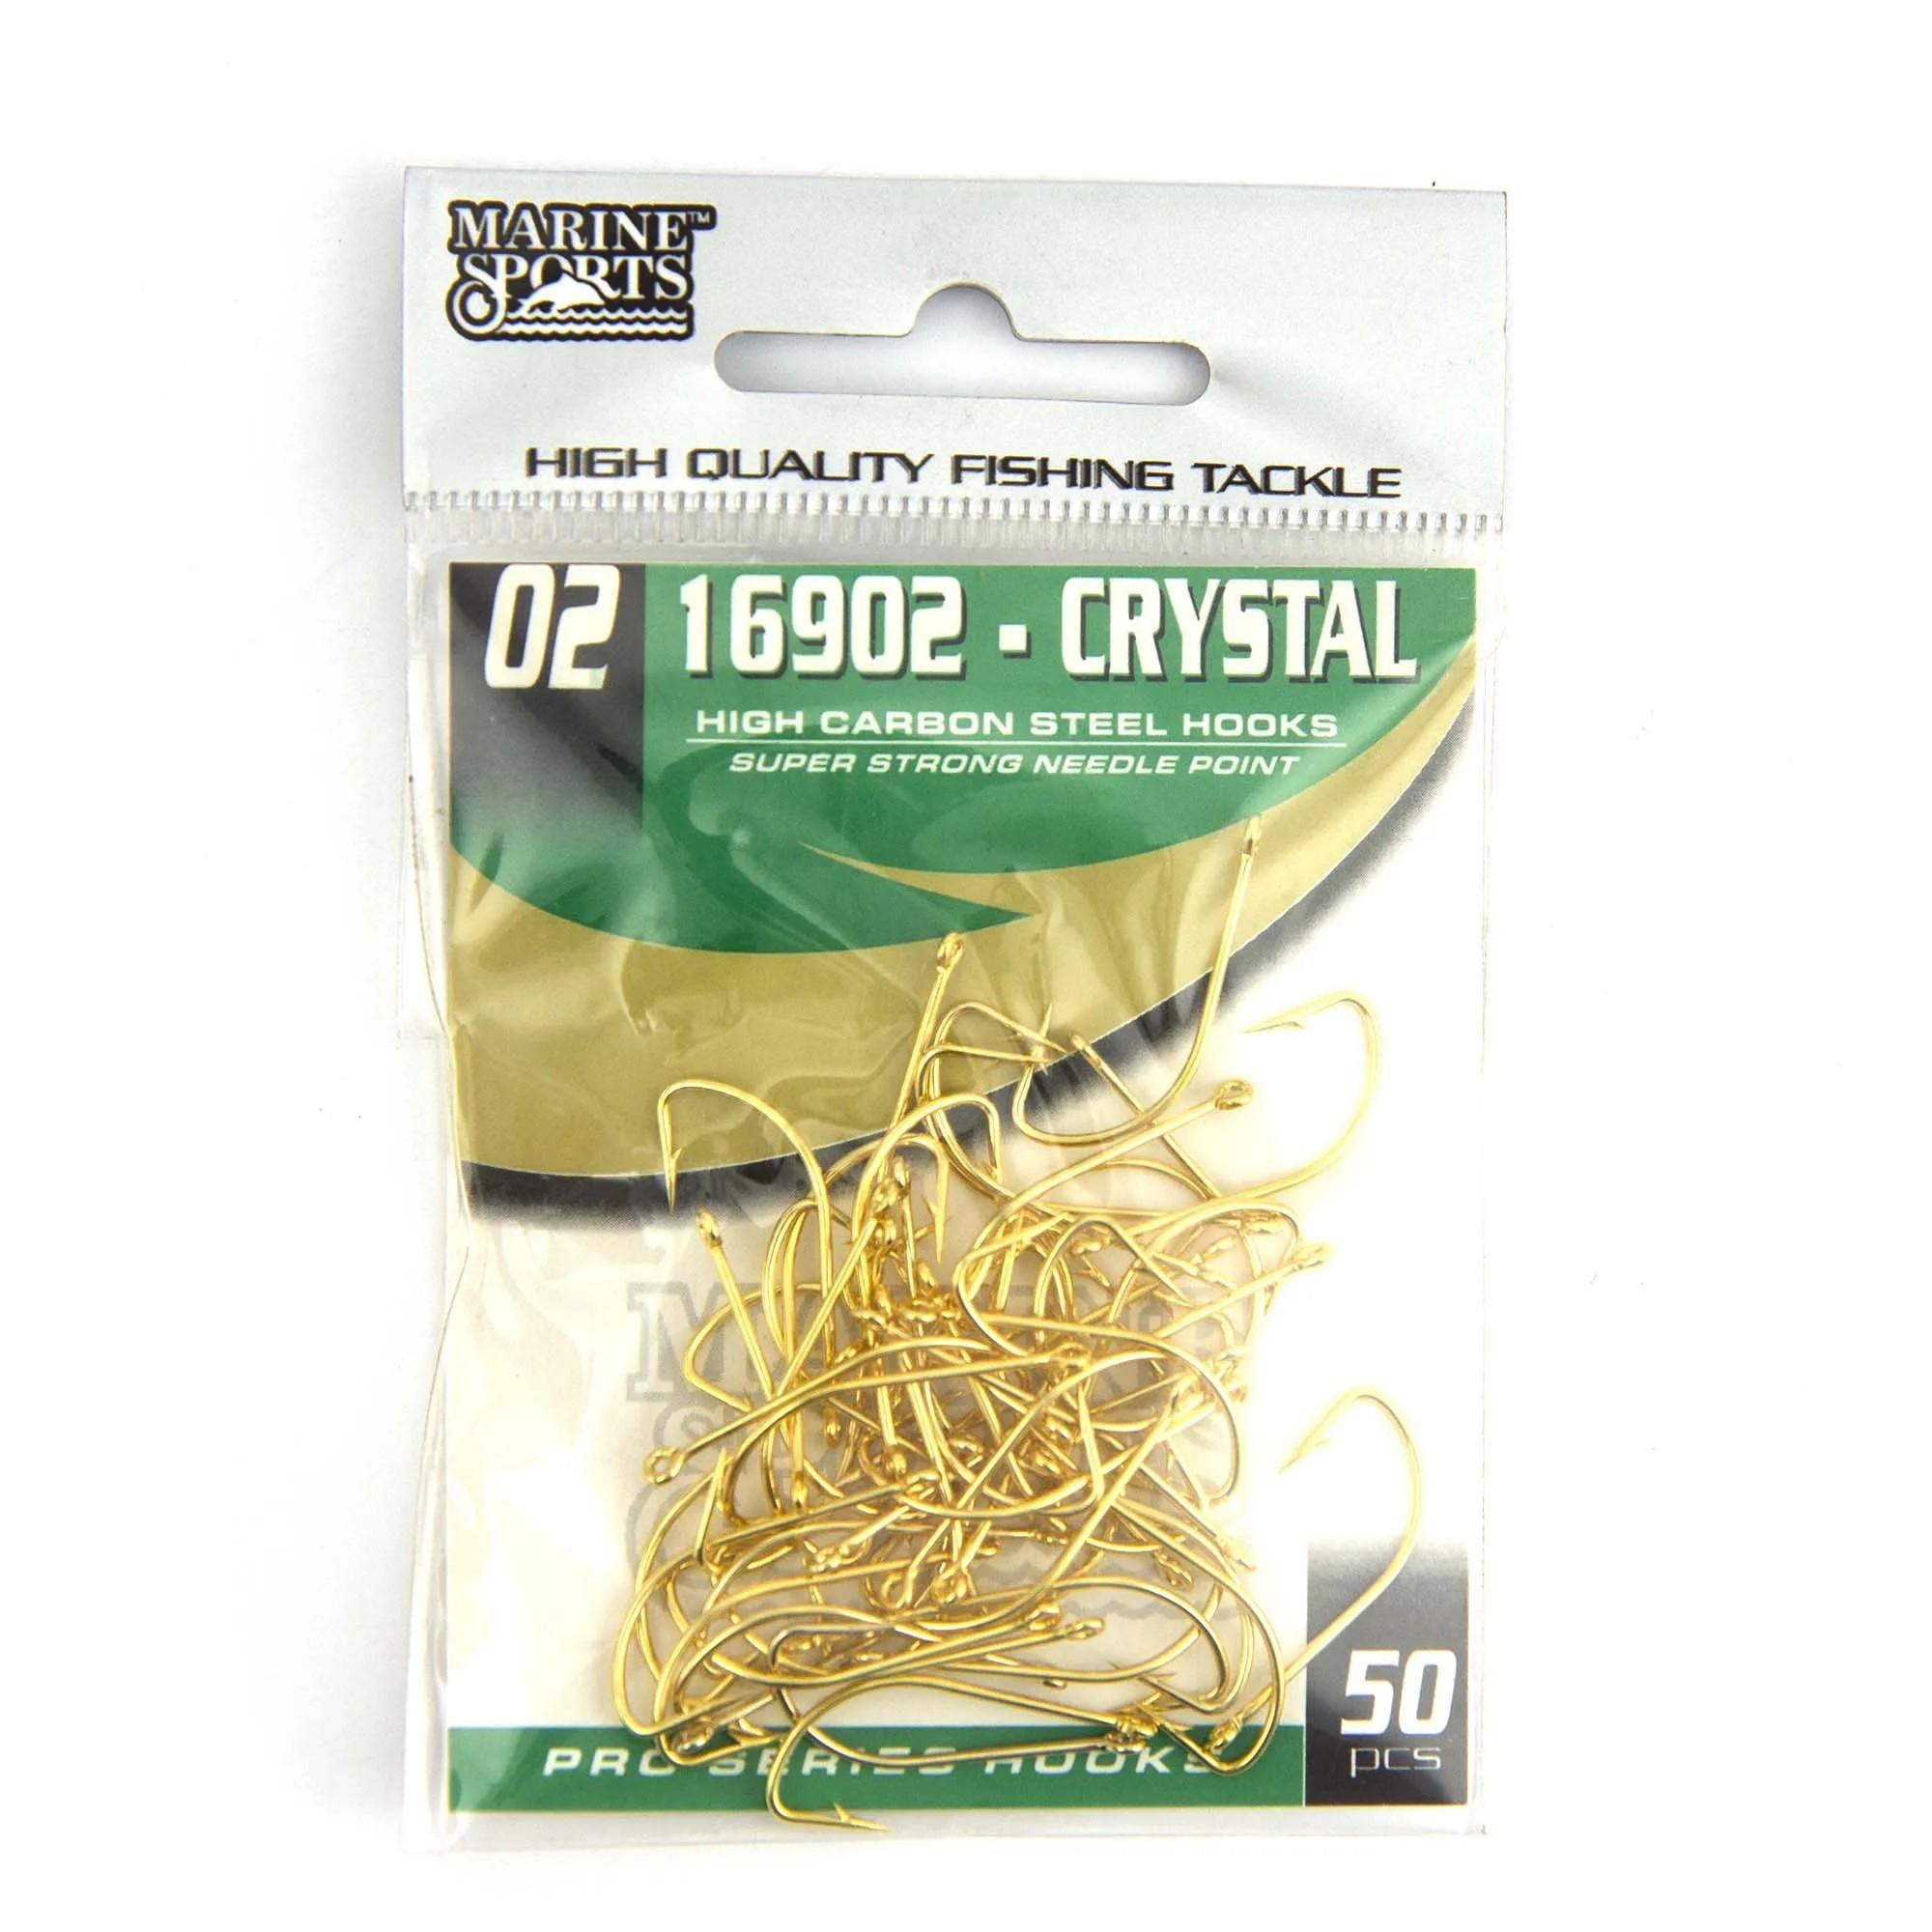 Anzol 16902 Crystal Dourado nº 2 - 50 unidades  - Artpesca